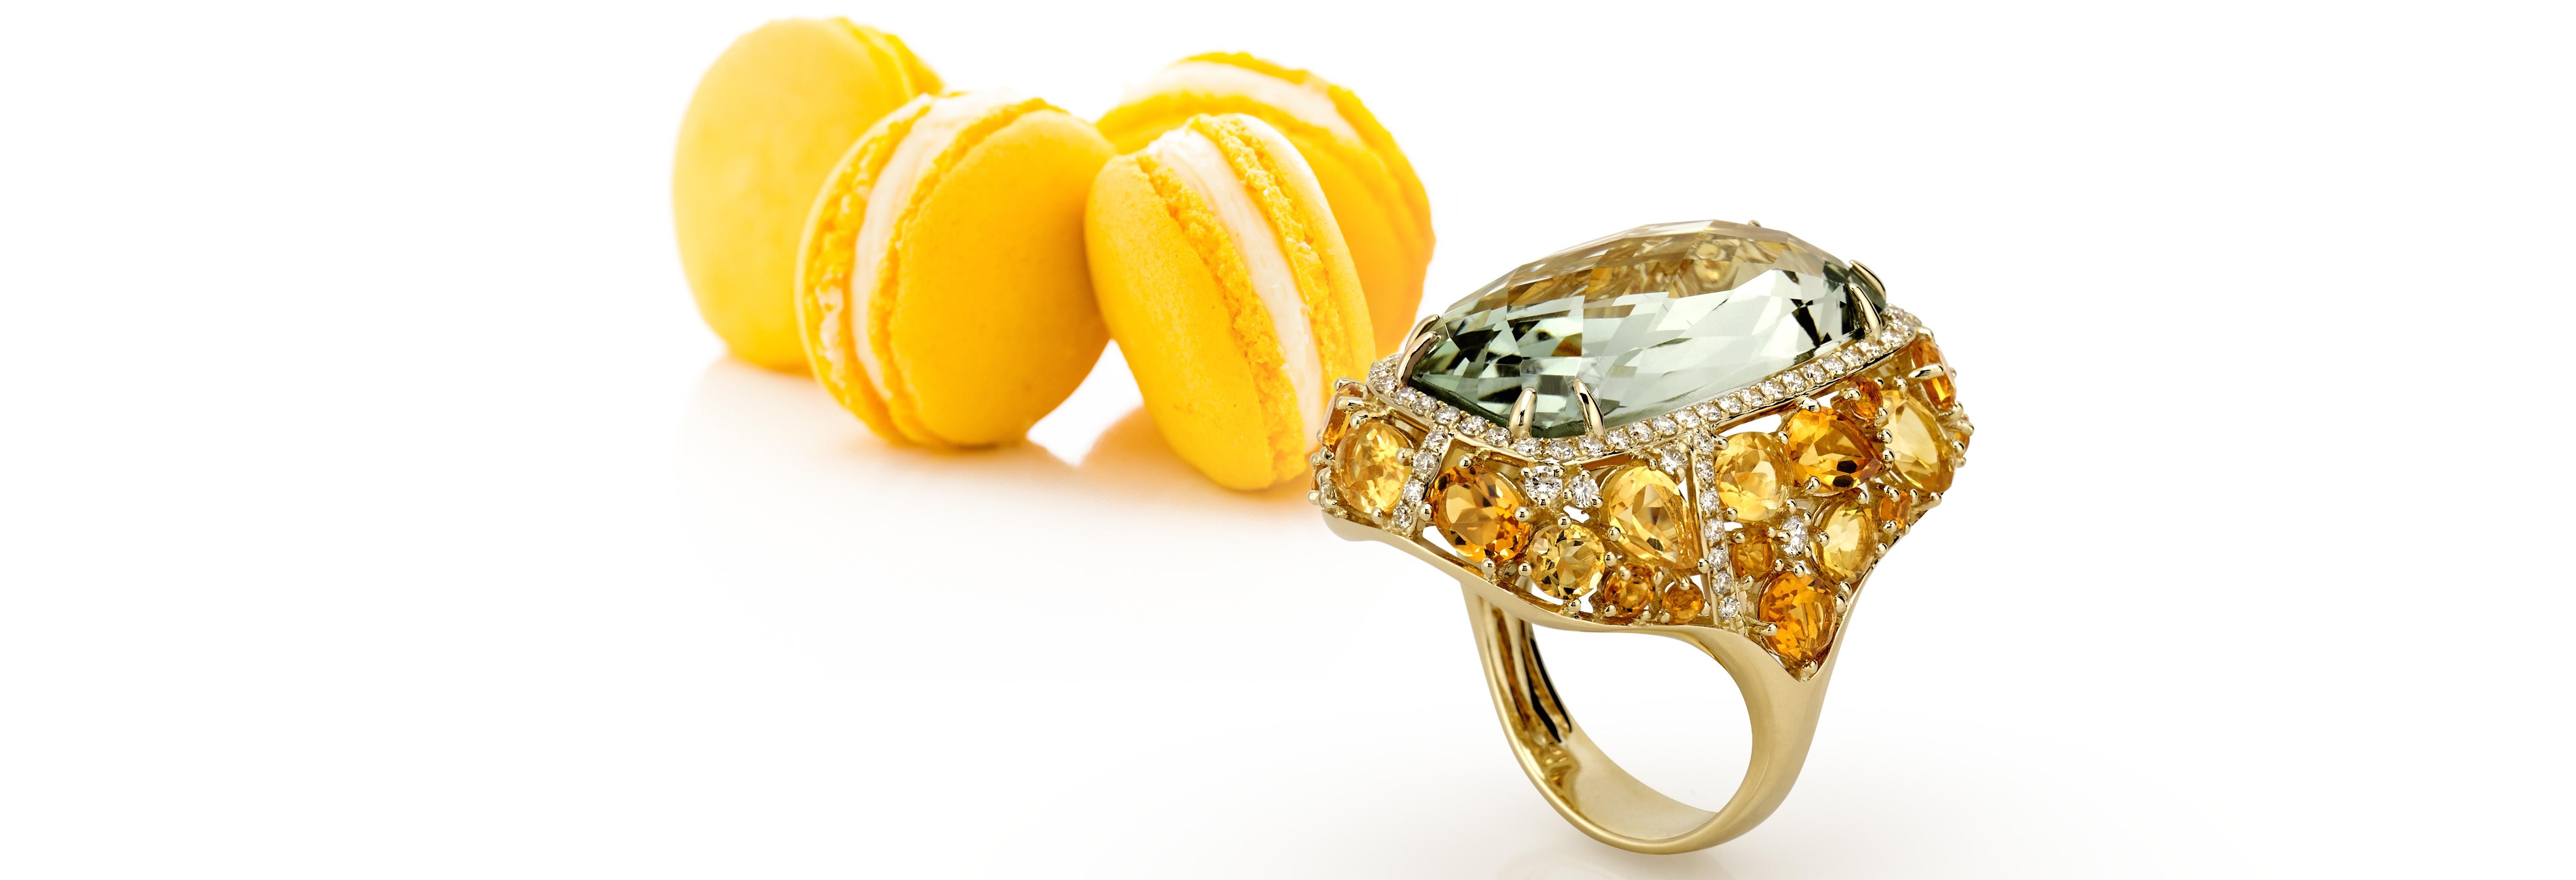 Luvente Lemon